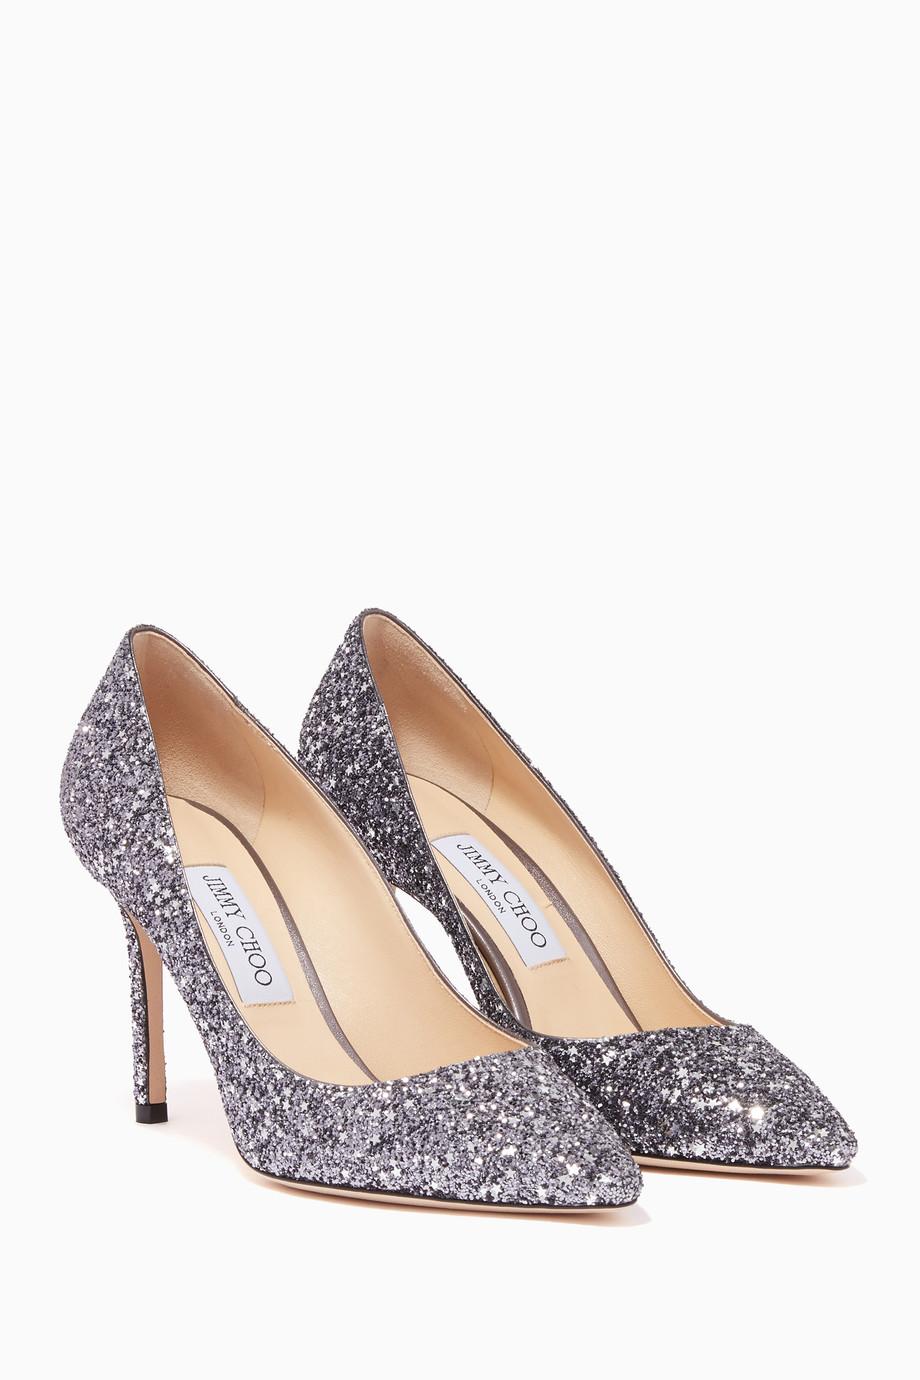 48d19488a تسوق حذاء كلاسيك رومي 85 فضي داكن جيمي تشو فضي للنساء | اُناس الامارات